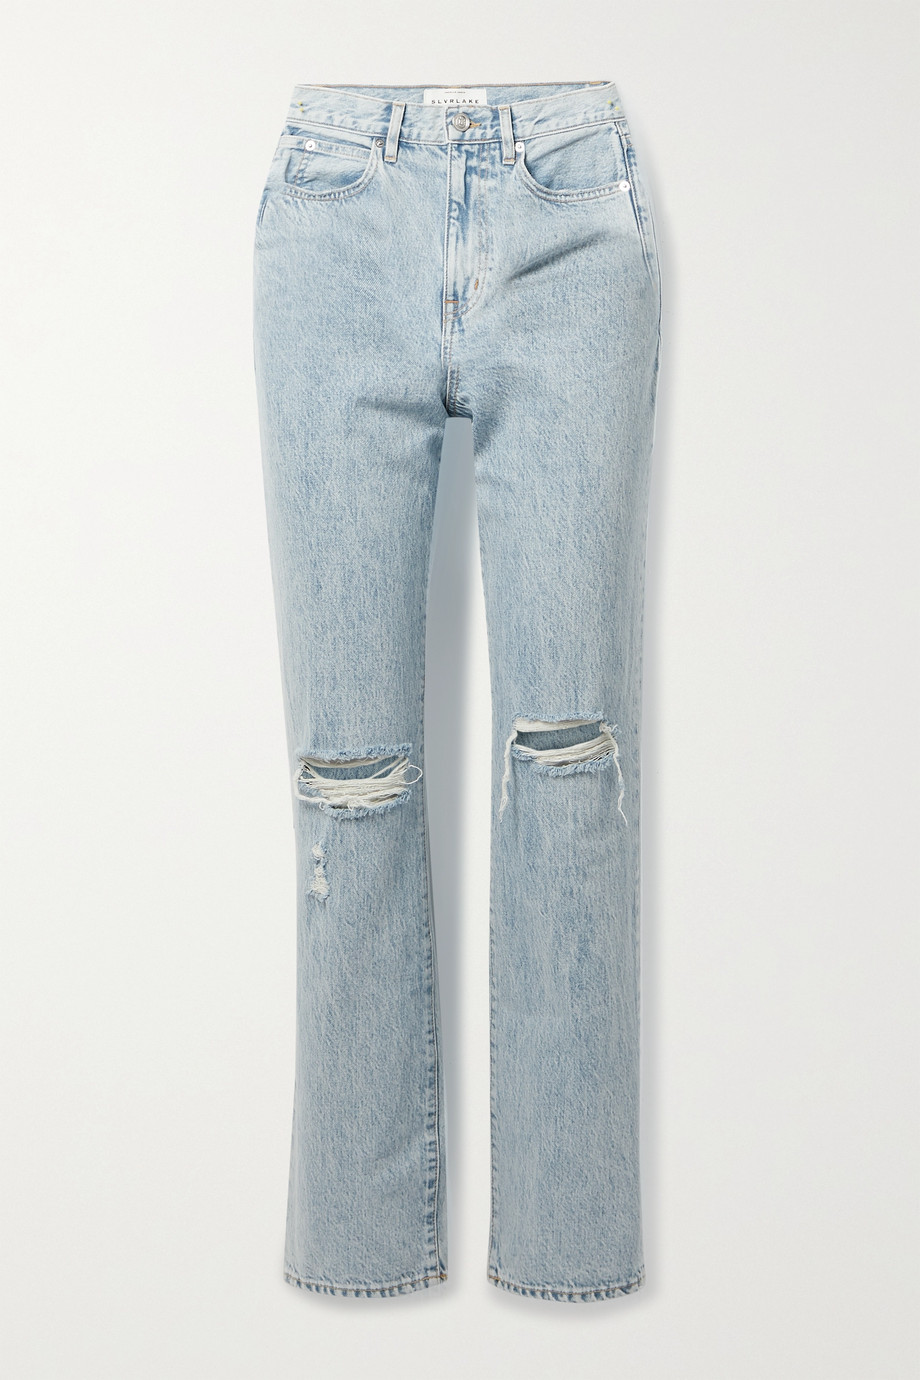 SLVRLAKE + NET SUSTAIN London hoch sitzende Jeans mit geradem Bein in Distressed-Optik